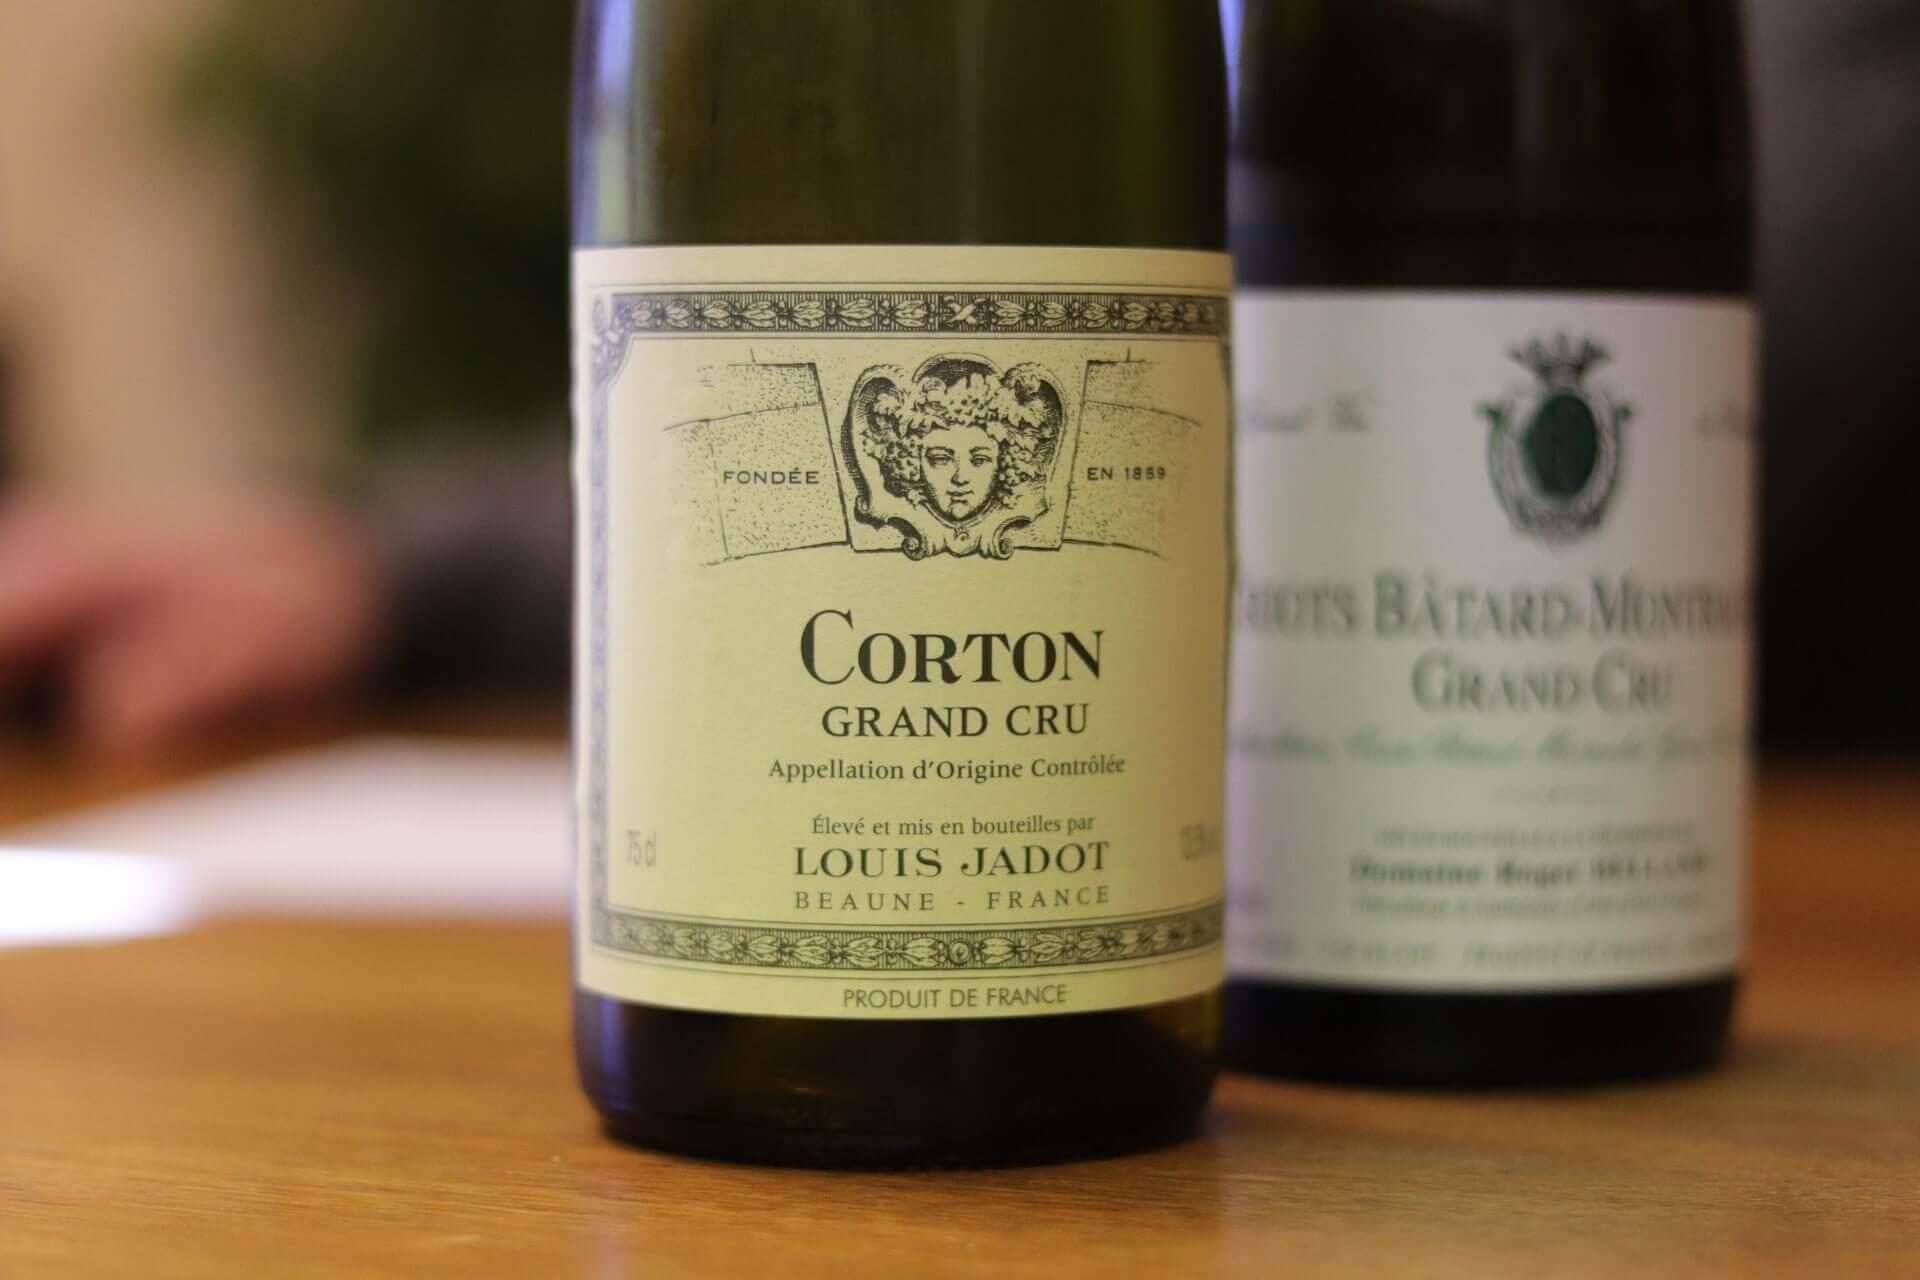 Les idées reçues sur le monde viticole